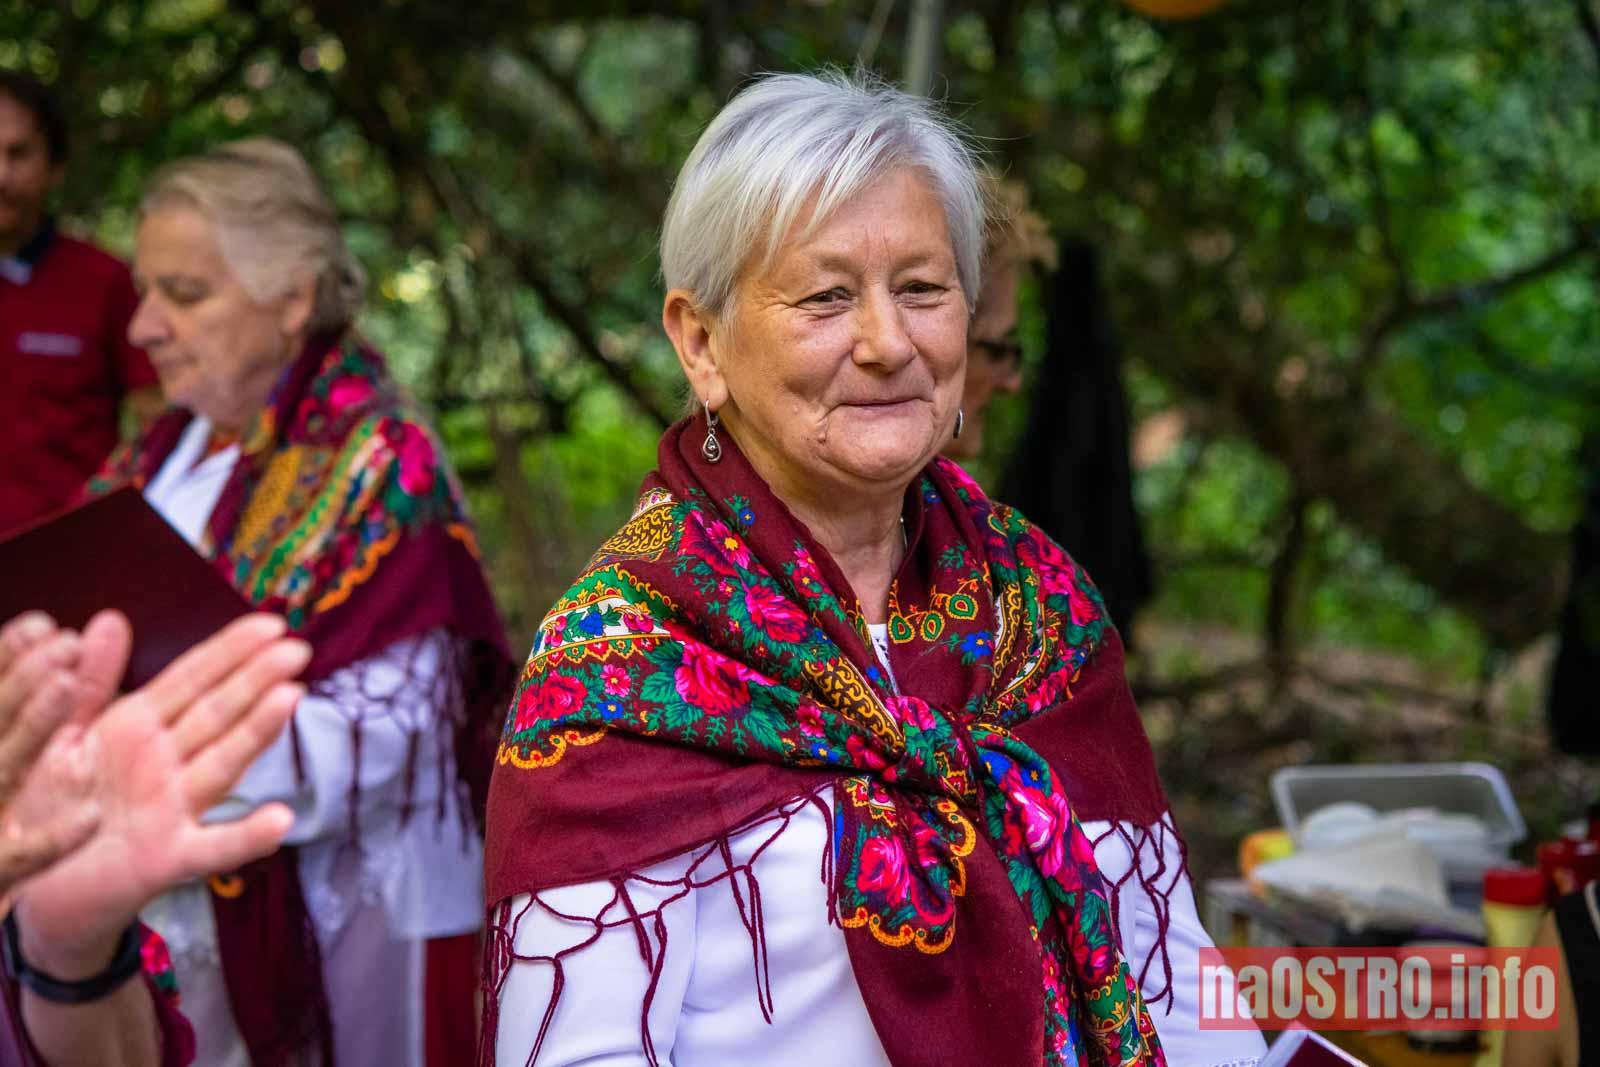 NaOSTROinfo Festyn pod kamieniem Szewna-12